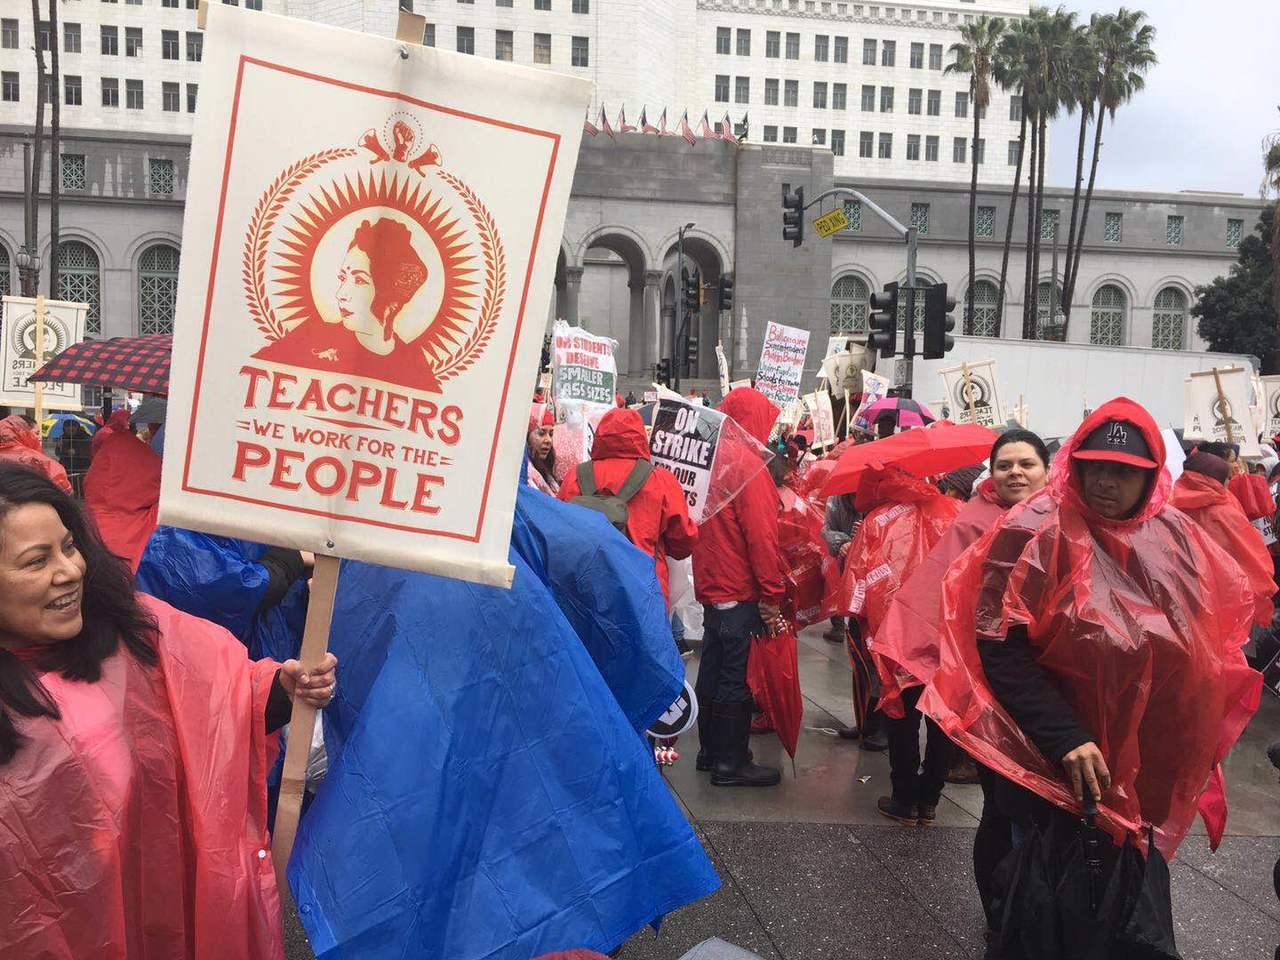 因要求調薪未果,全美第二大學區─加州洛杉磯聯合學區14日在洛杉磯教師工會的發動下...